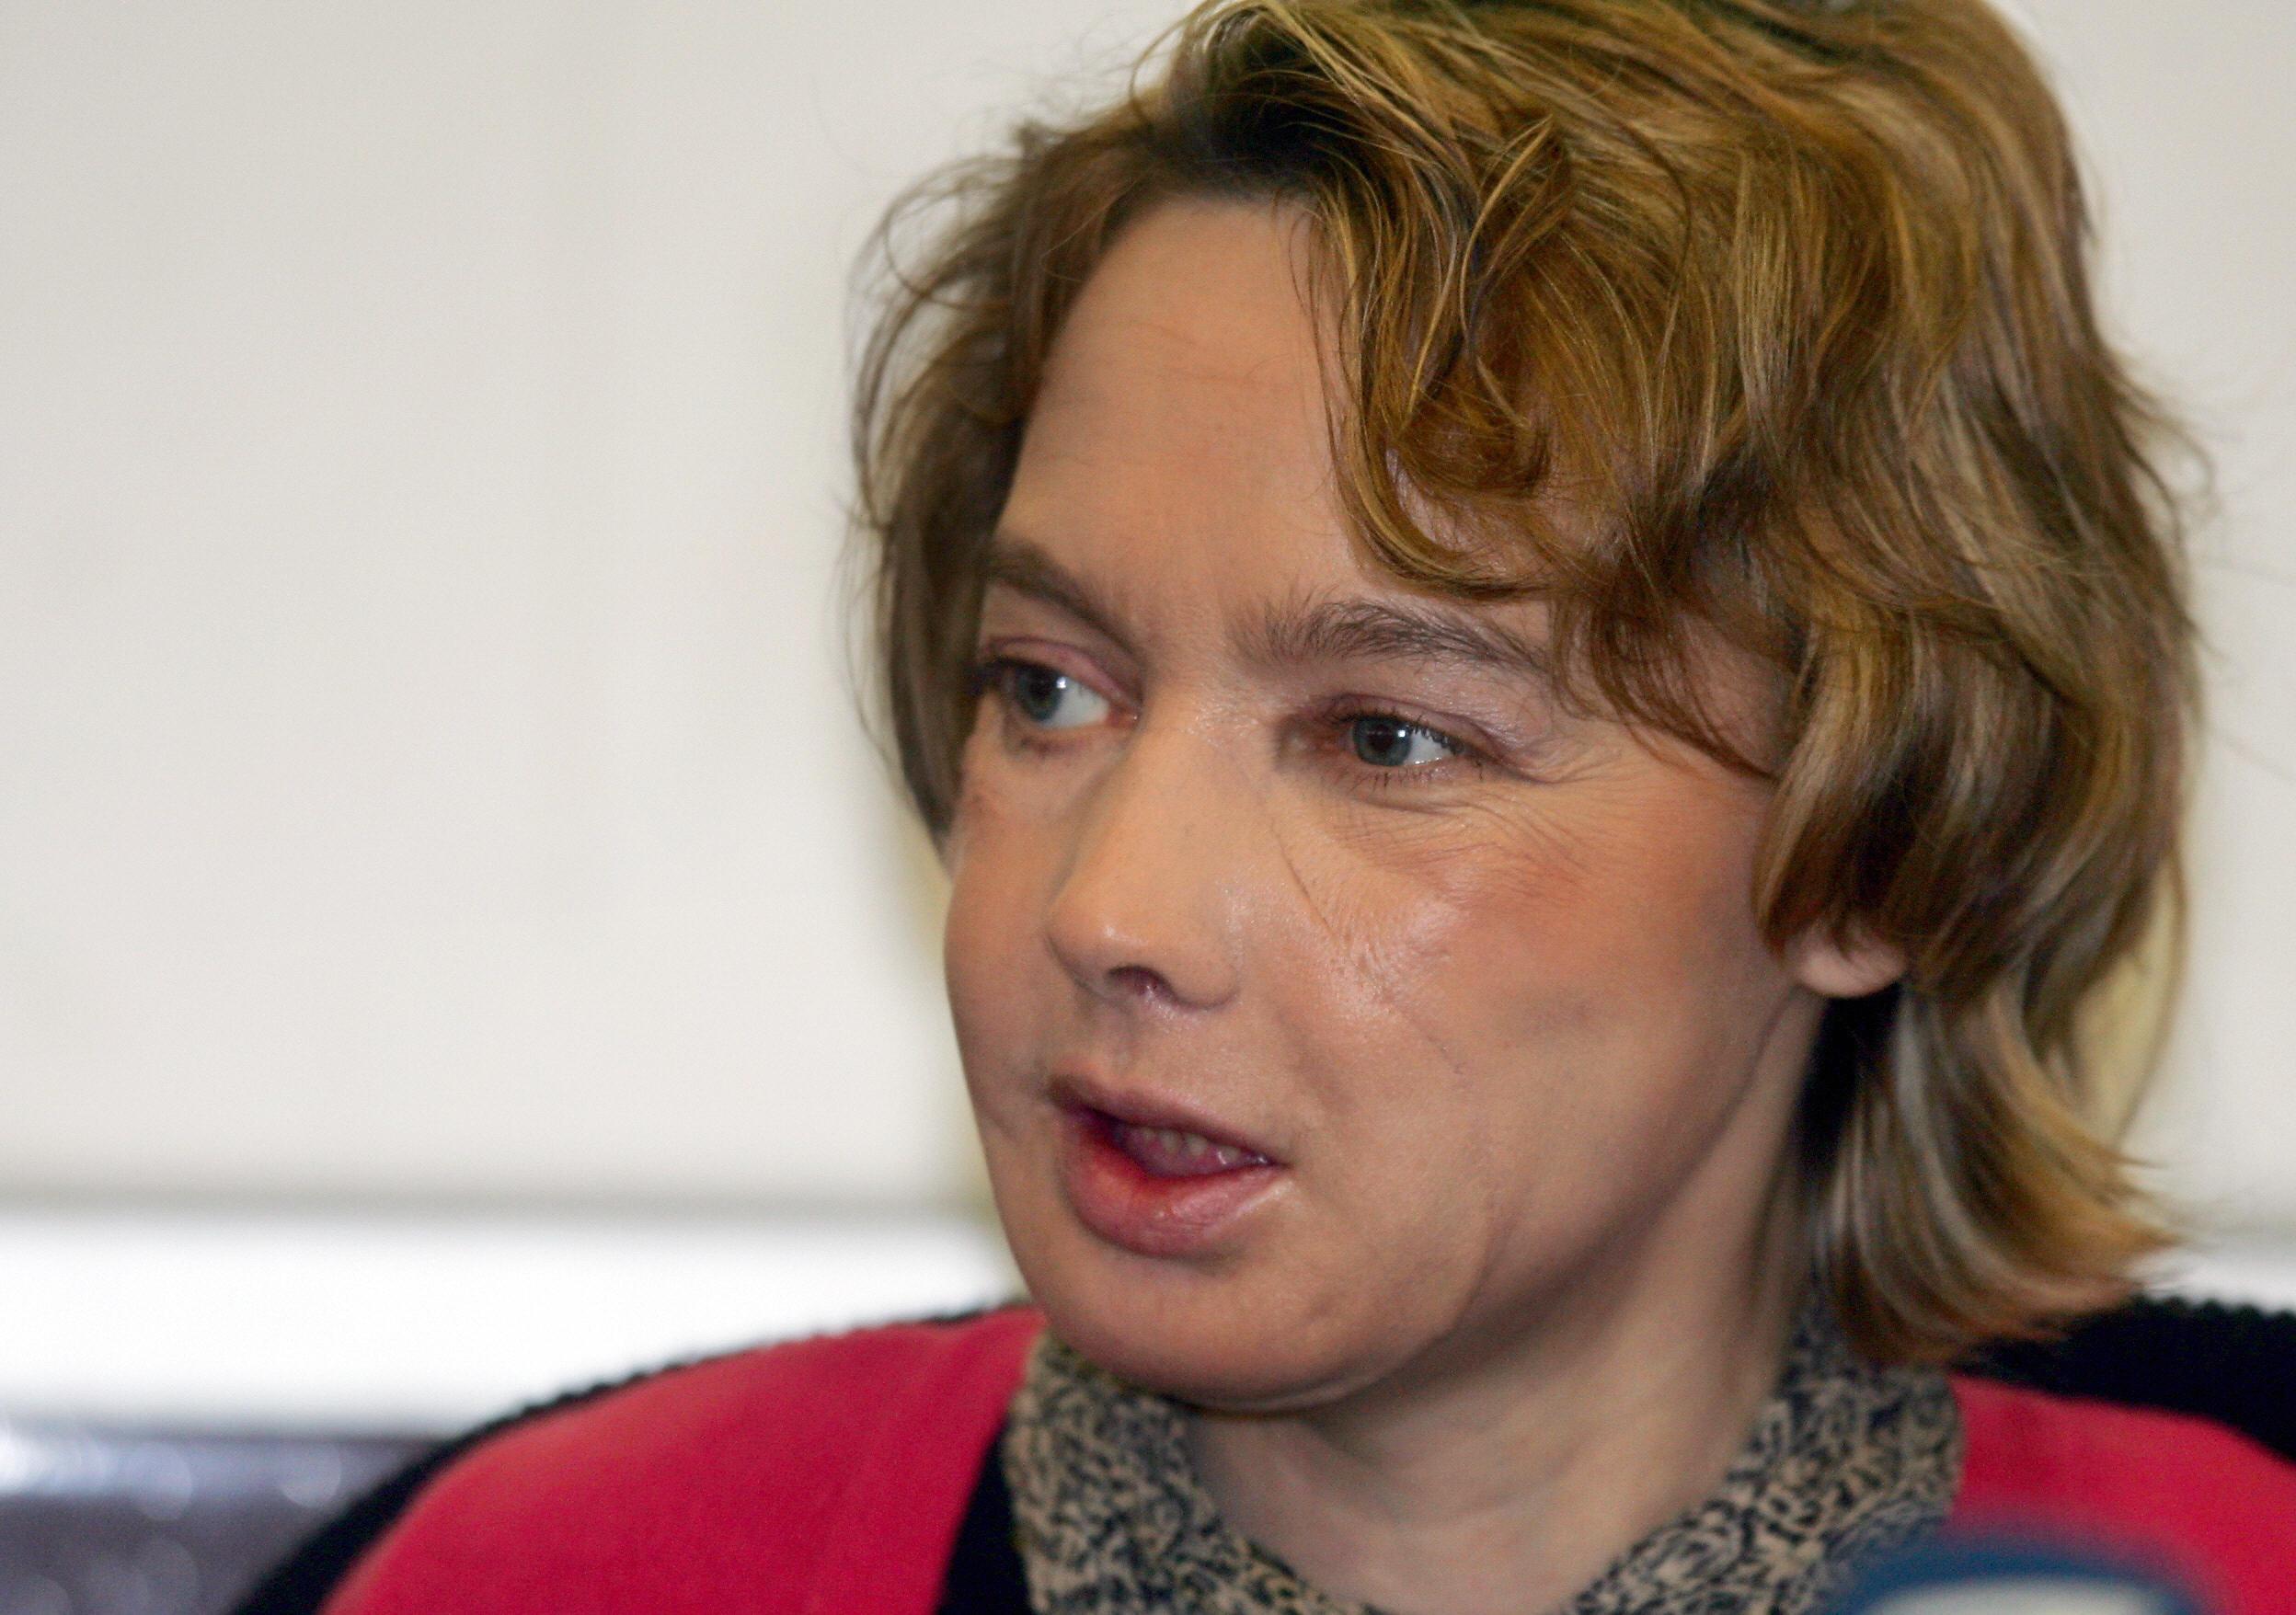 Isabelle Dinoire è morta: ricevette nuovo volto nel 2005